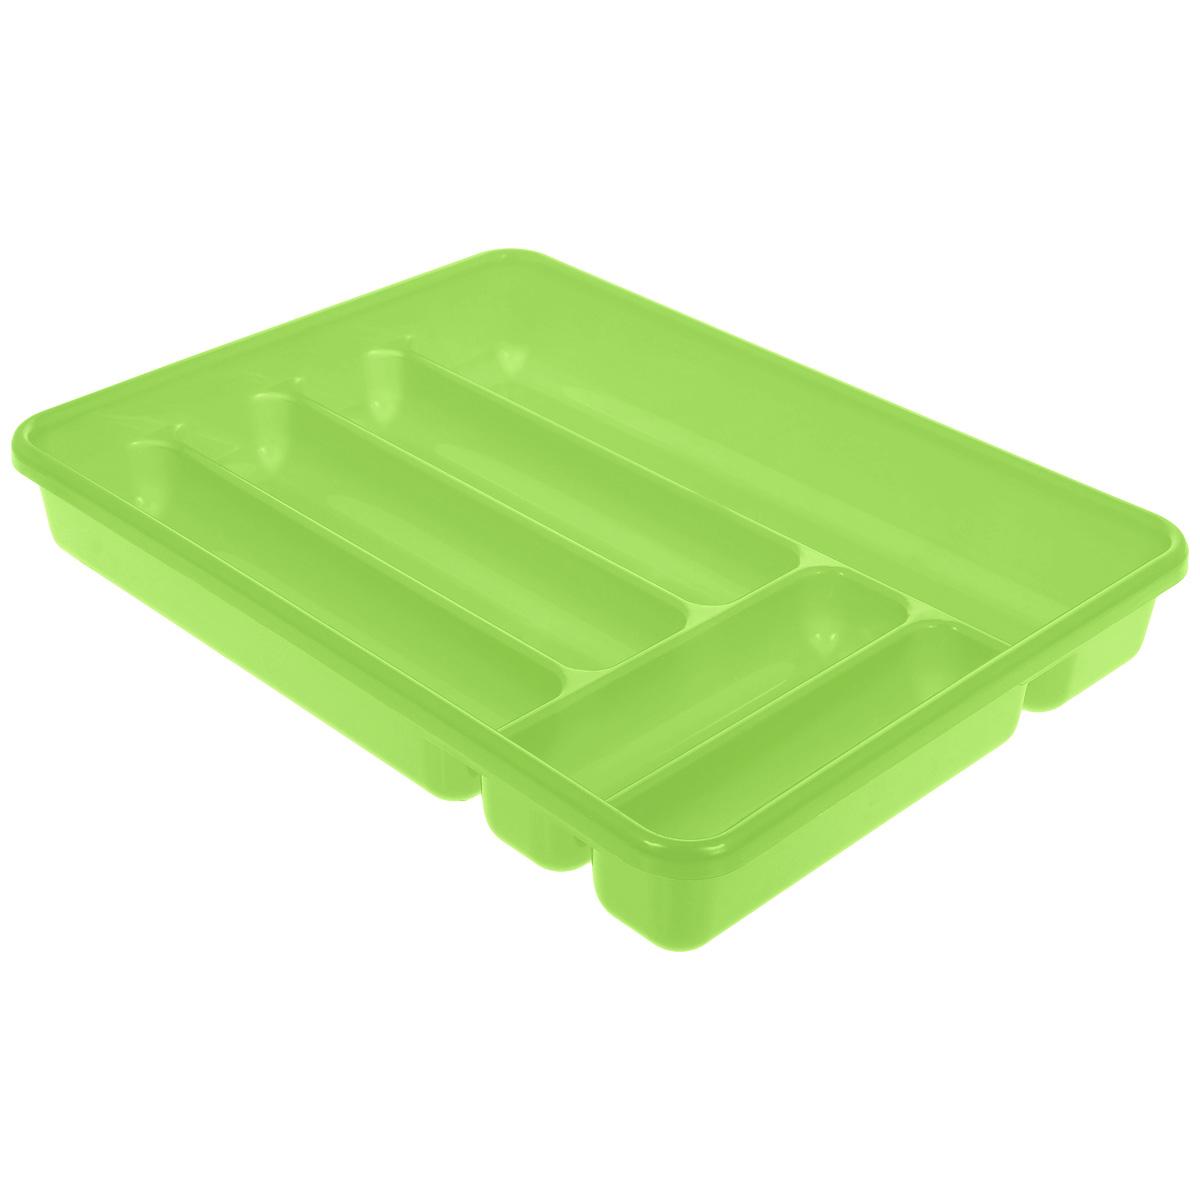 Лоток для столовых приборов Cosmoplast, цвет: салатовый, 6 отделений2142 салатовыйЛоток для столовых приборов Cosmoplast изготовлен из высококачественного пищевого пластика. Он предназначен для выдвигающихся ящиков на кухне. Лоток имеет шесть отделений: три отделения для вилок, ложек, ножей, два малых отделения для чайных ложек и десертных вилок, одно большое отделение для остальных приборов. Размер большого отделения: 38,5 см х 8 см. Размер средних отделений: 27 см х 6,5 см. Размер маленьких отделений: 20 см х 5 см.